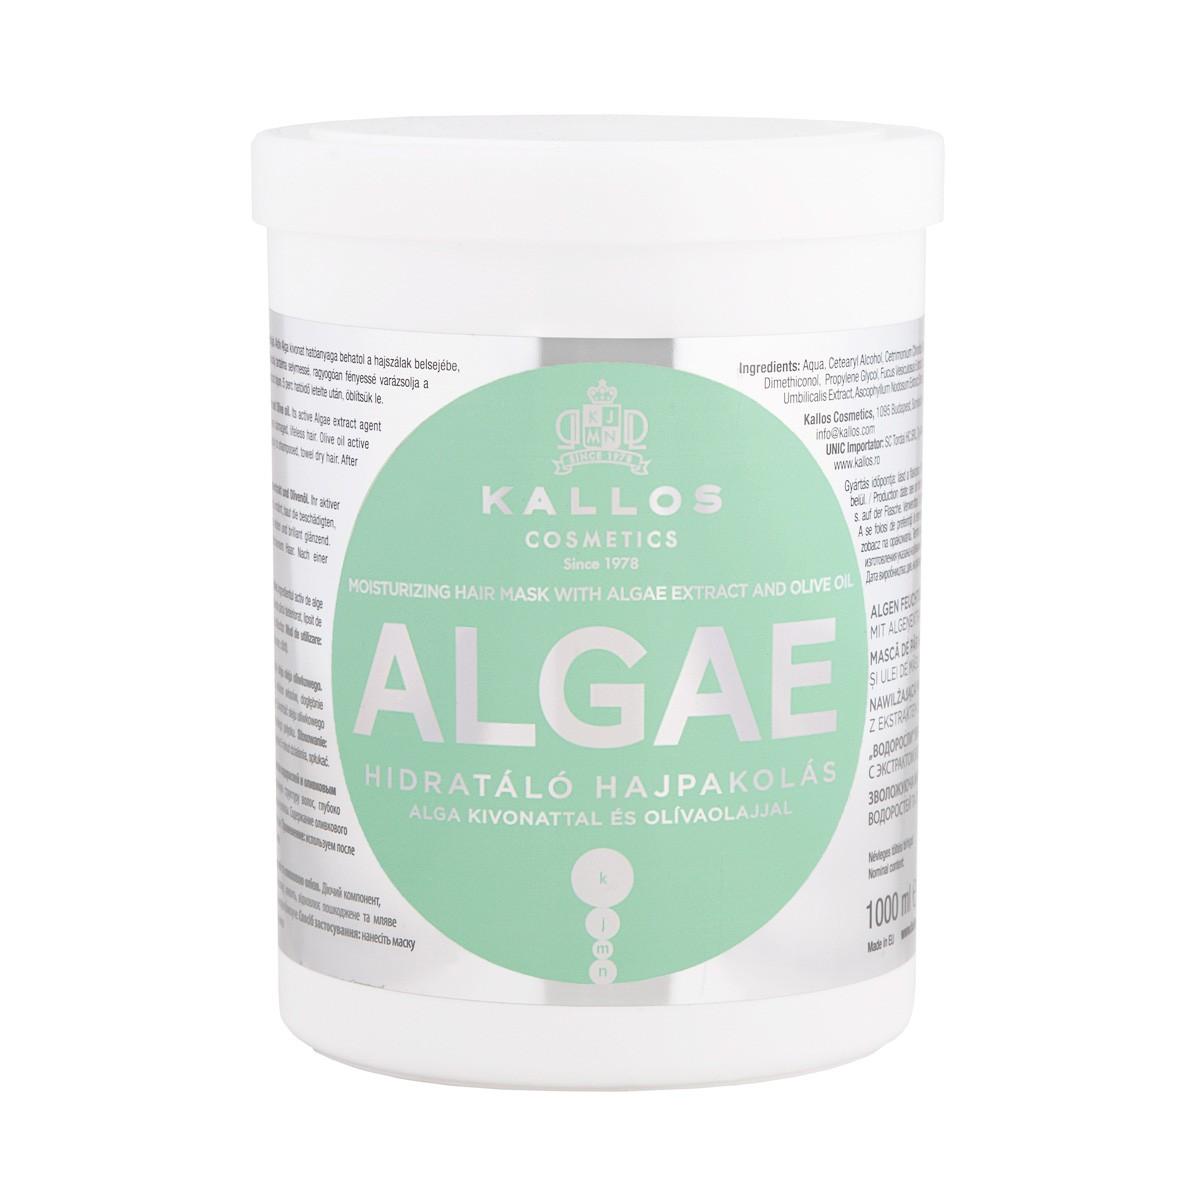 KALLOS KJMN Moisturizing Hair Mask With Algae Extract And Olive Oil 1000ml - Maska nawilżająca do włosów z ekstraktem algi i ol